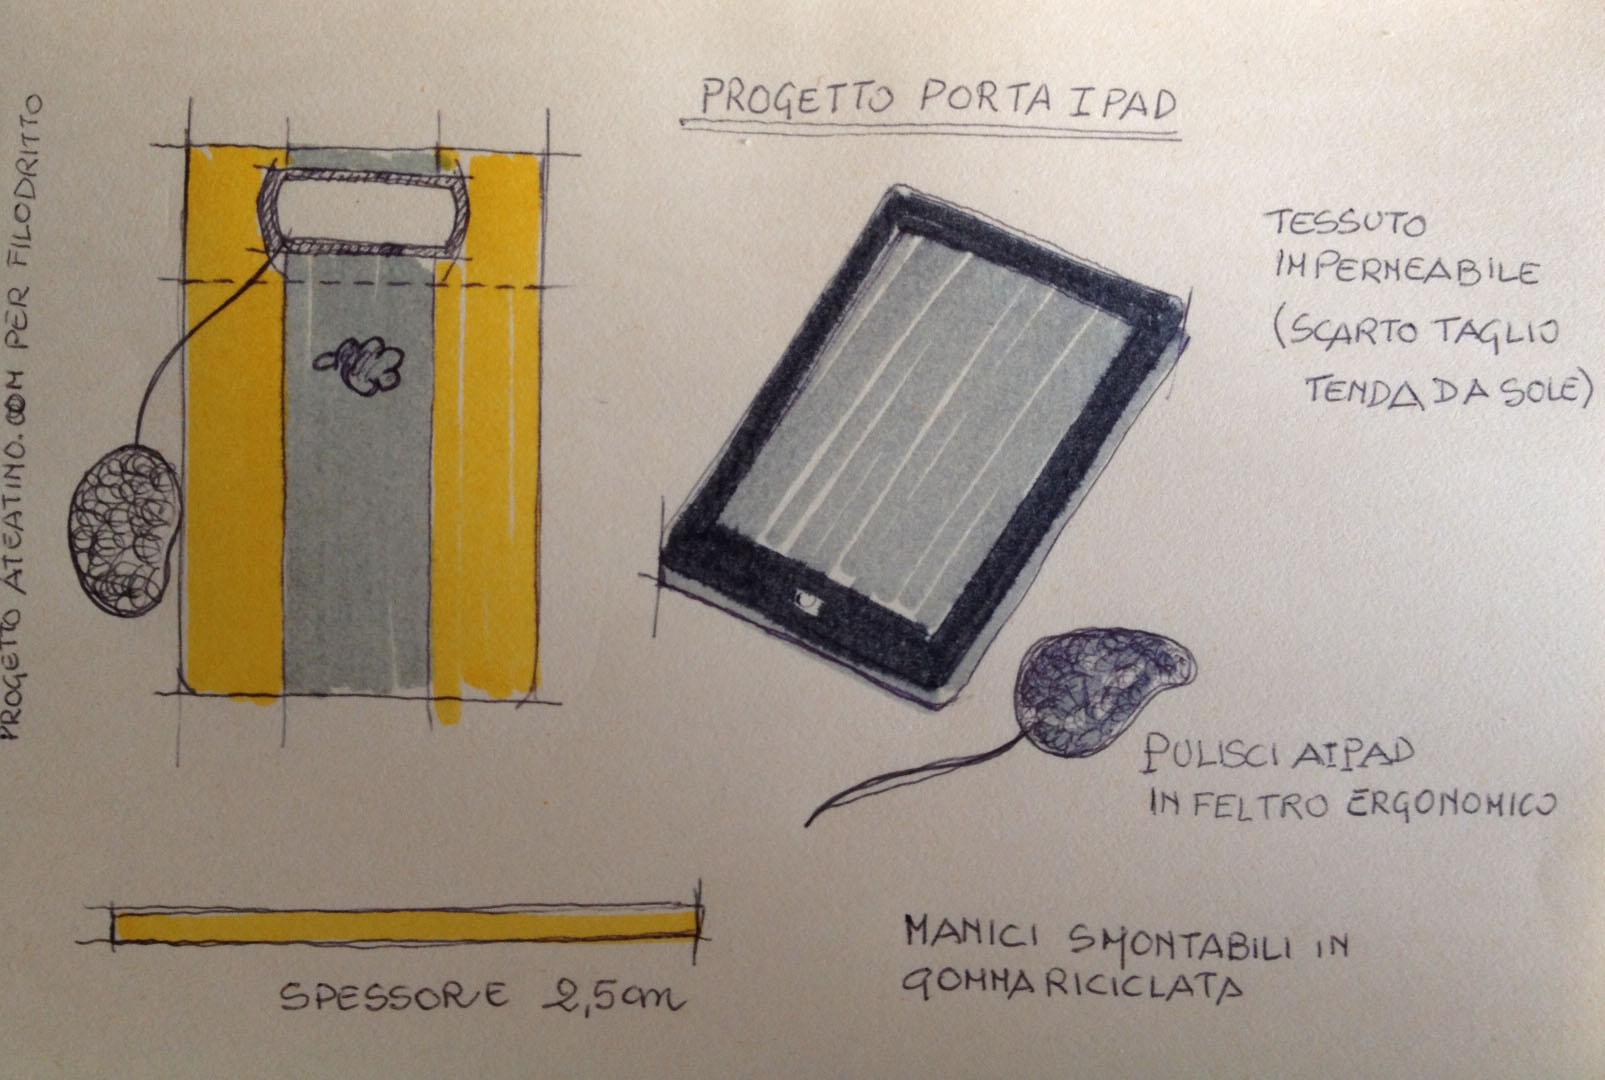 porta ipad rebag3.JPG